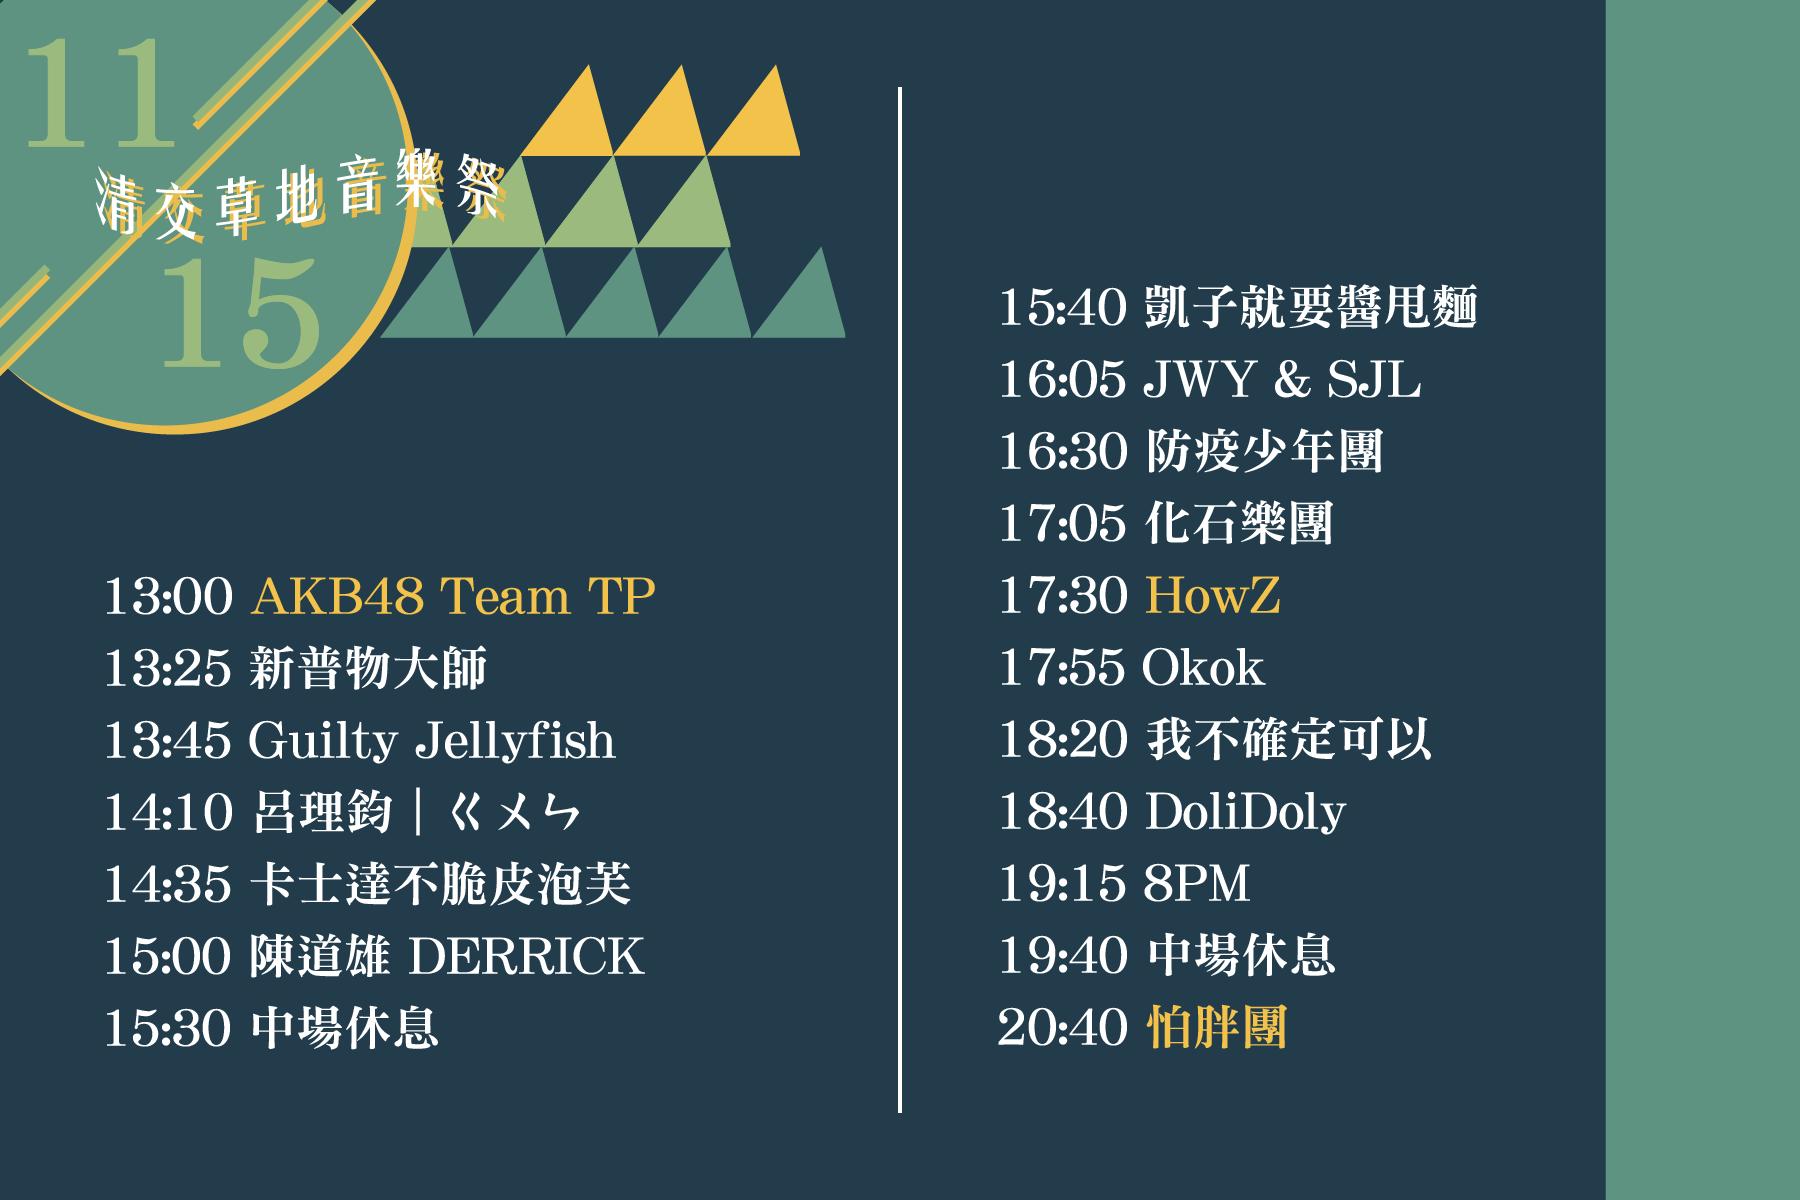 2020清交草地音樂祭明天登場!麋先生、呂學翰、HowZ等歌手樂團,美食市集摸彩活動連續嗨兩天